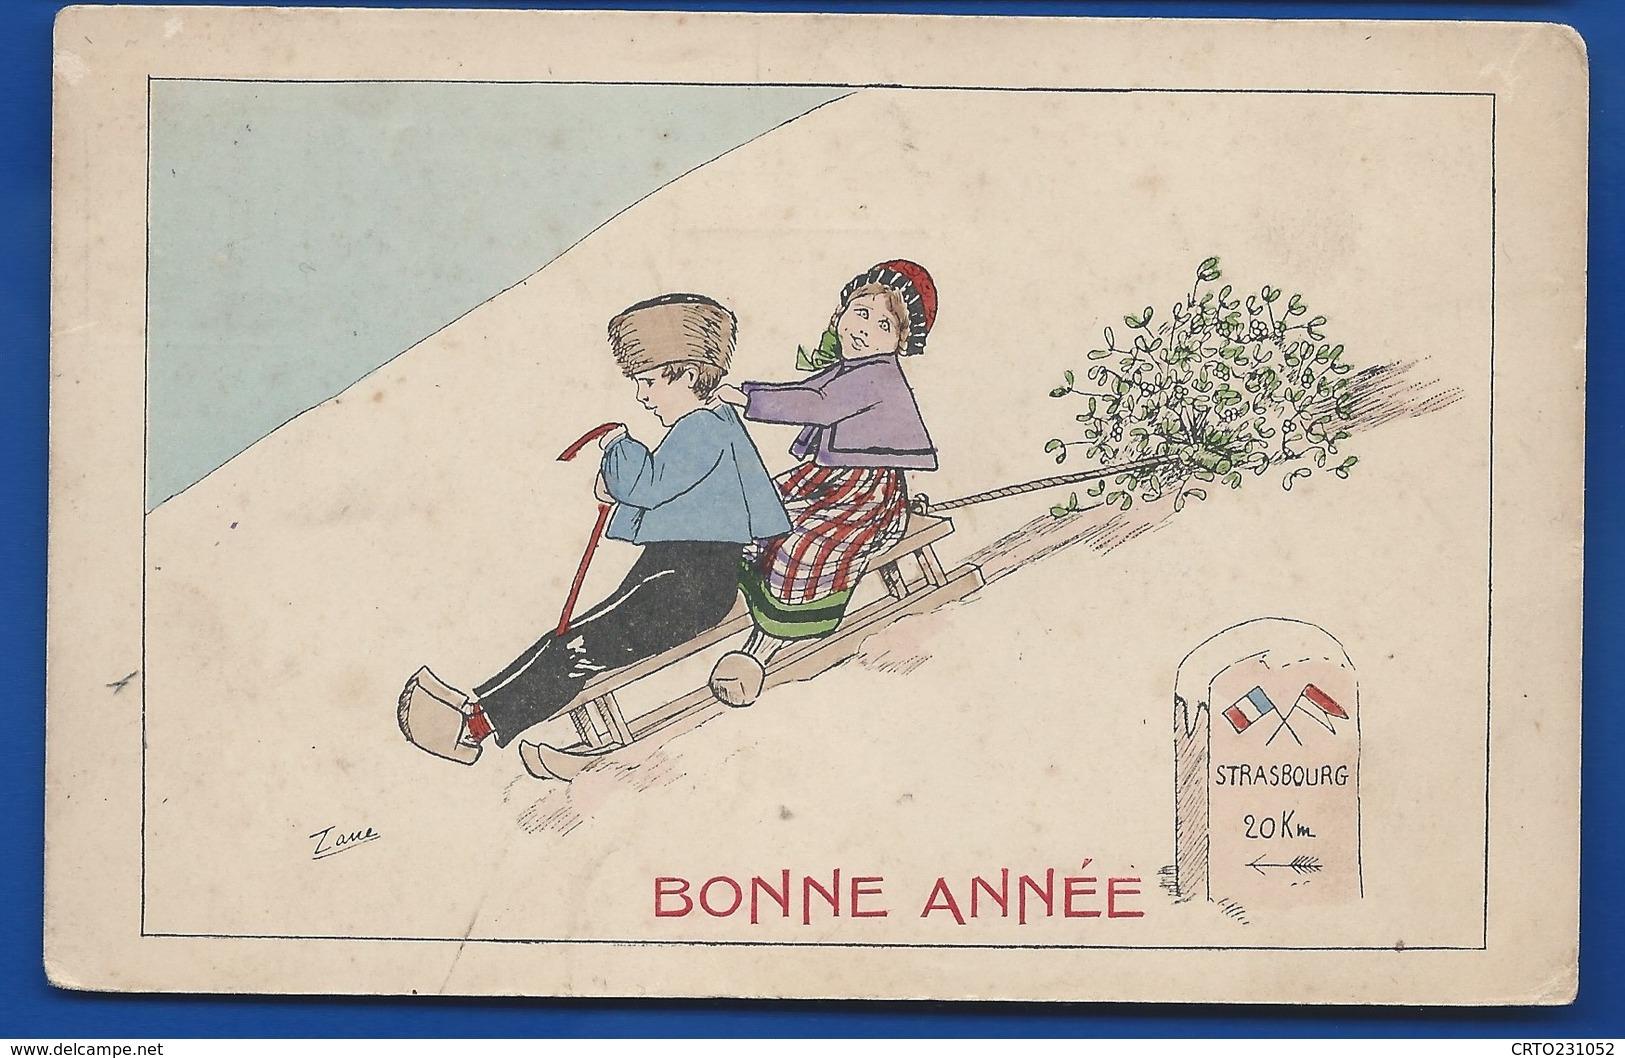 Enfants Sur Une Luge   STRASOURG 20 Km    BONNE ANNEE - Neujahr